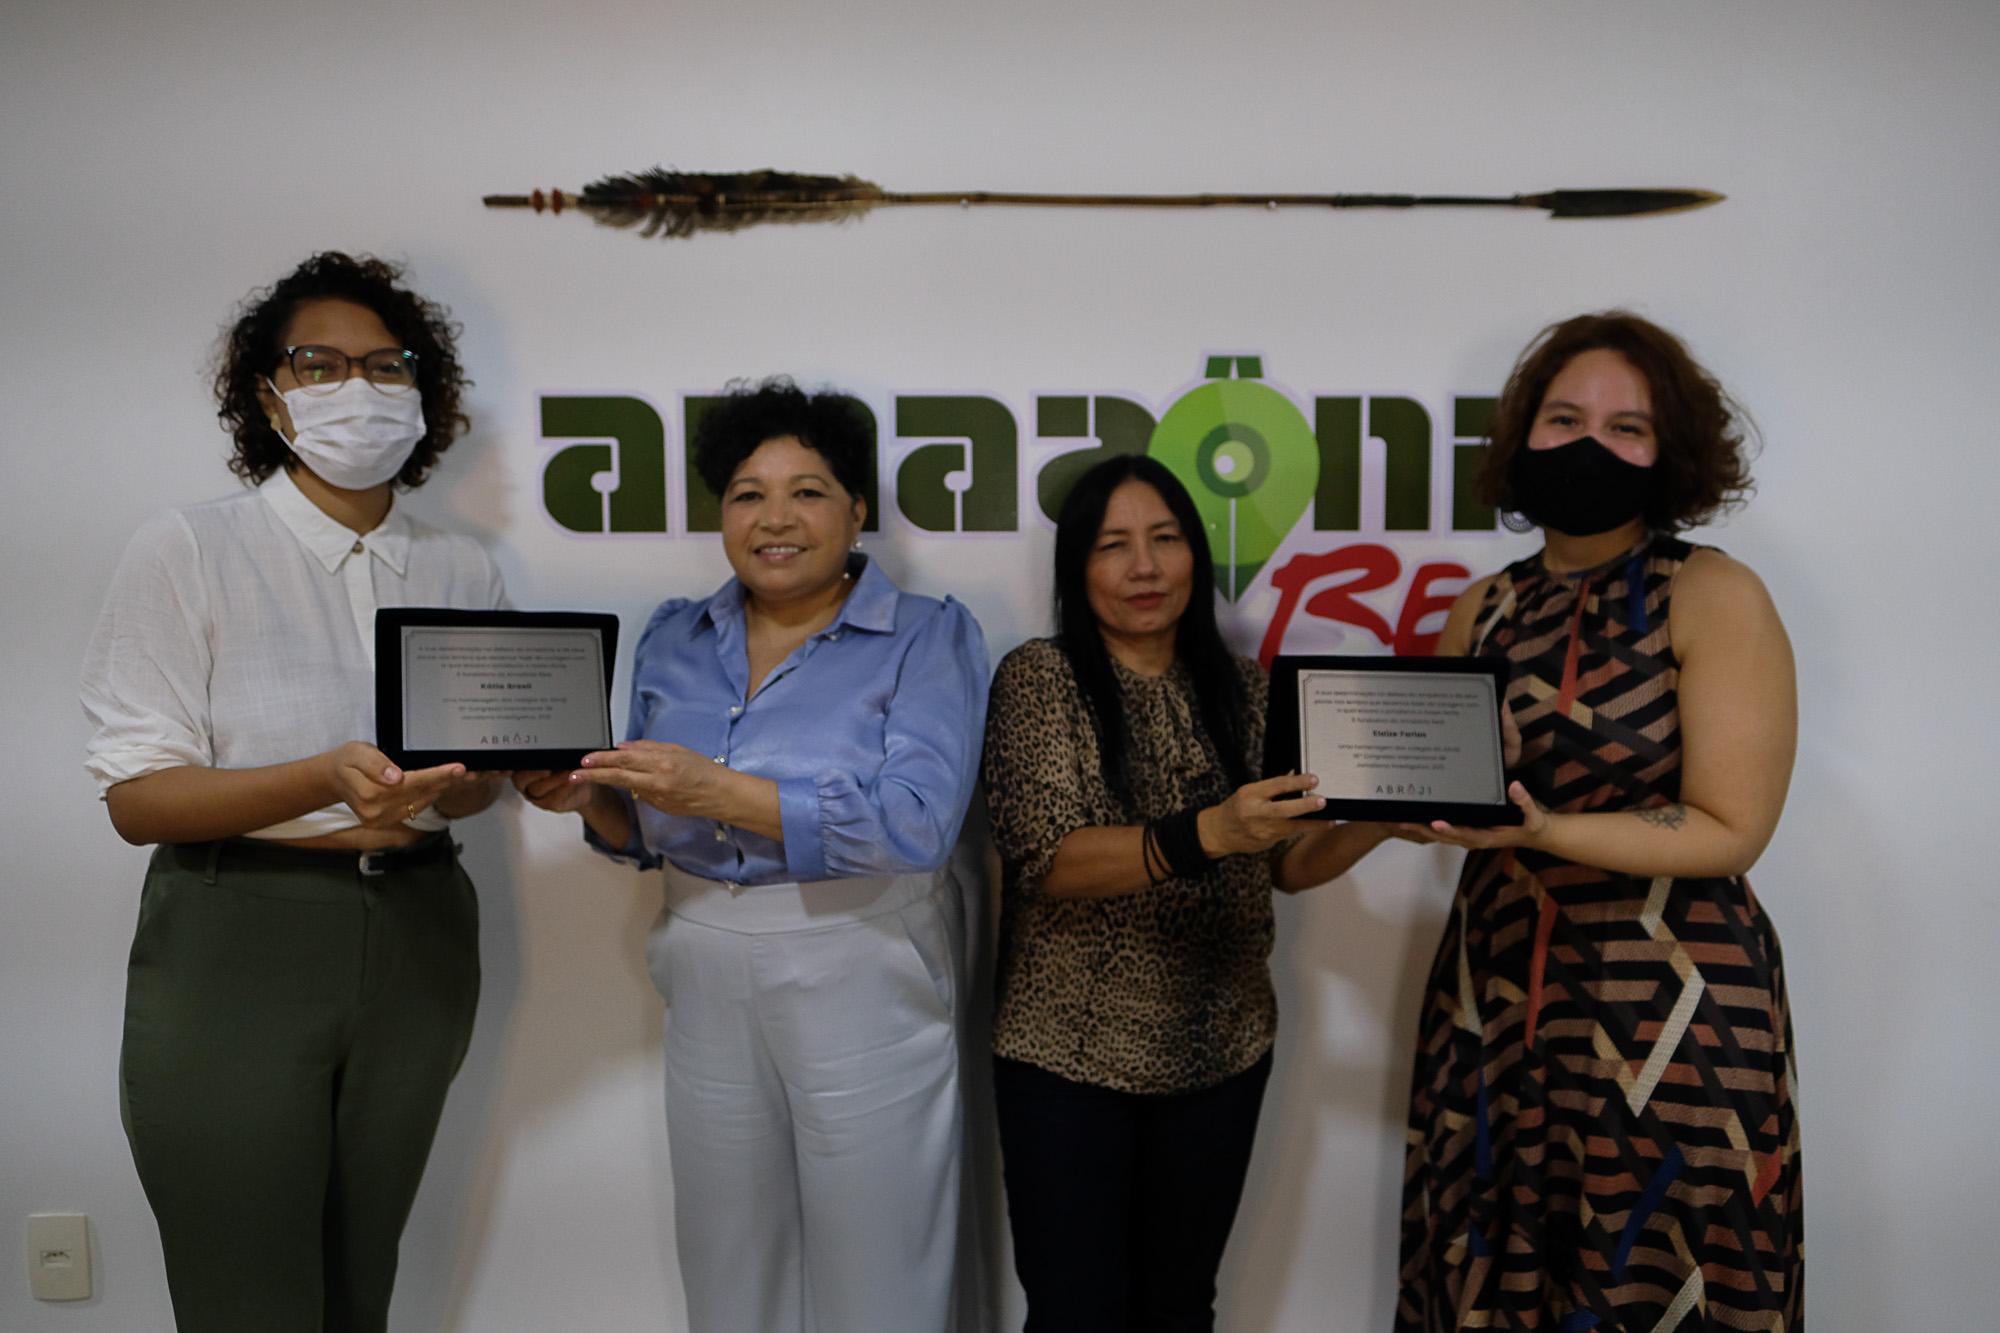 Abraji homenageia Elaíze Farias e Kátia Brasil como grandes defensoras do jornalismo e da Amazônia